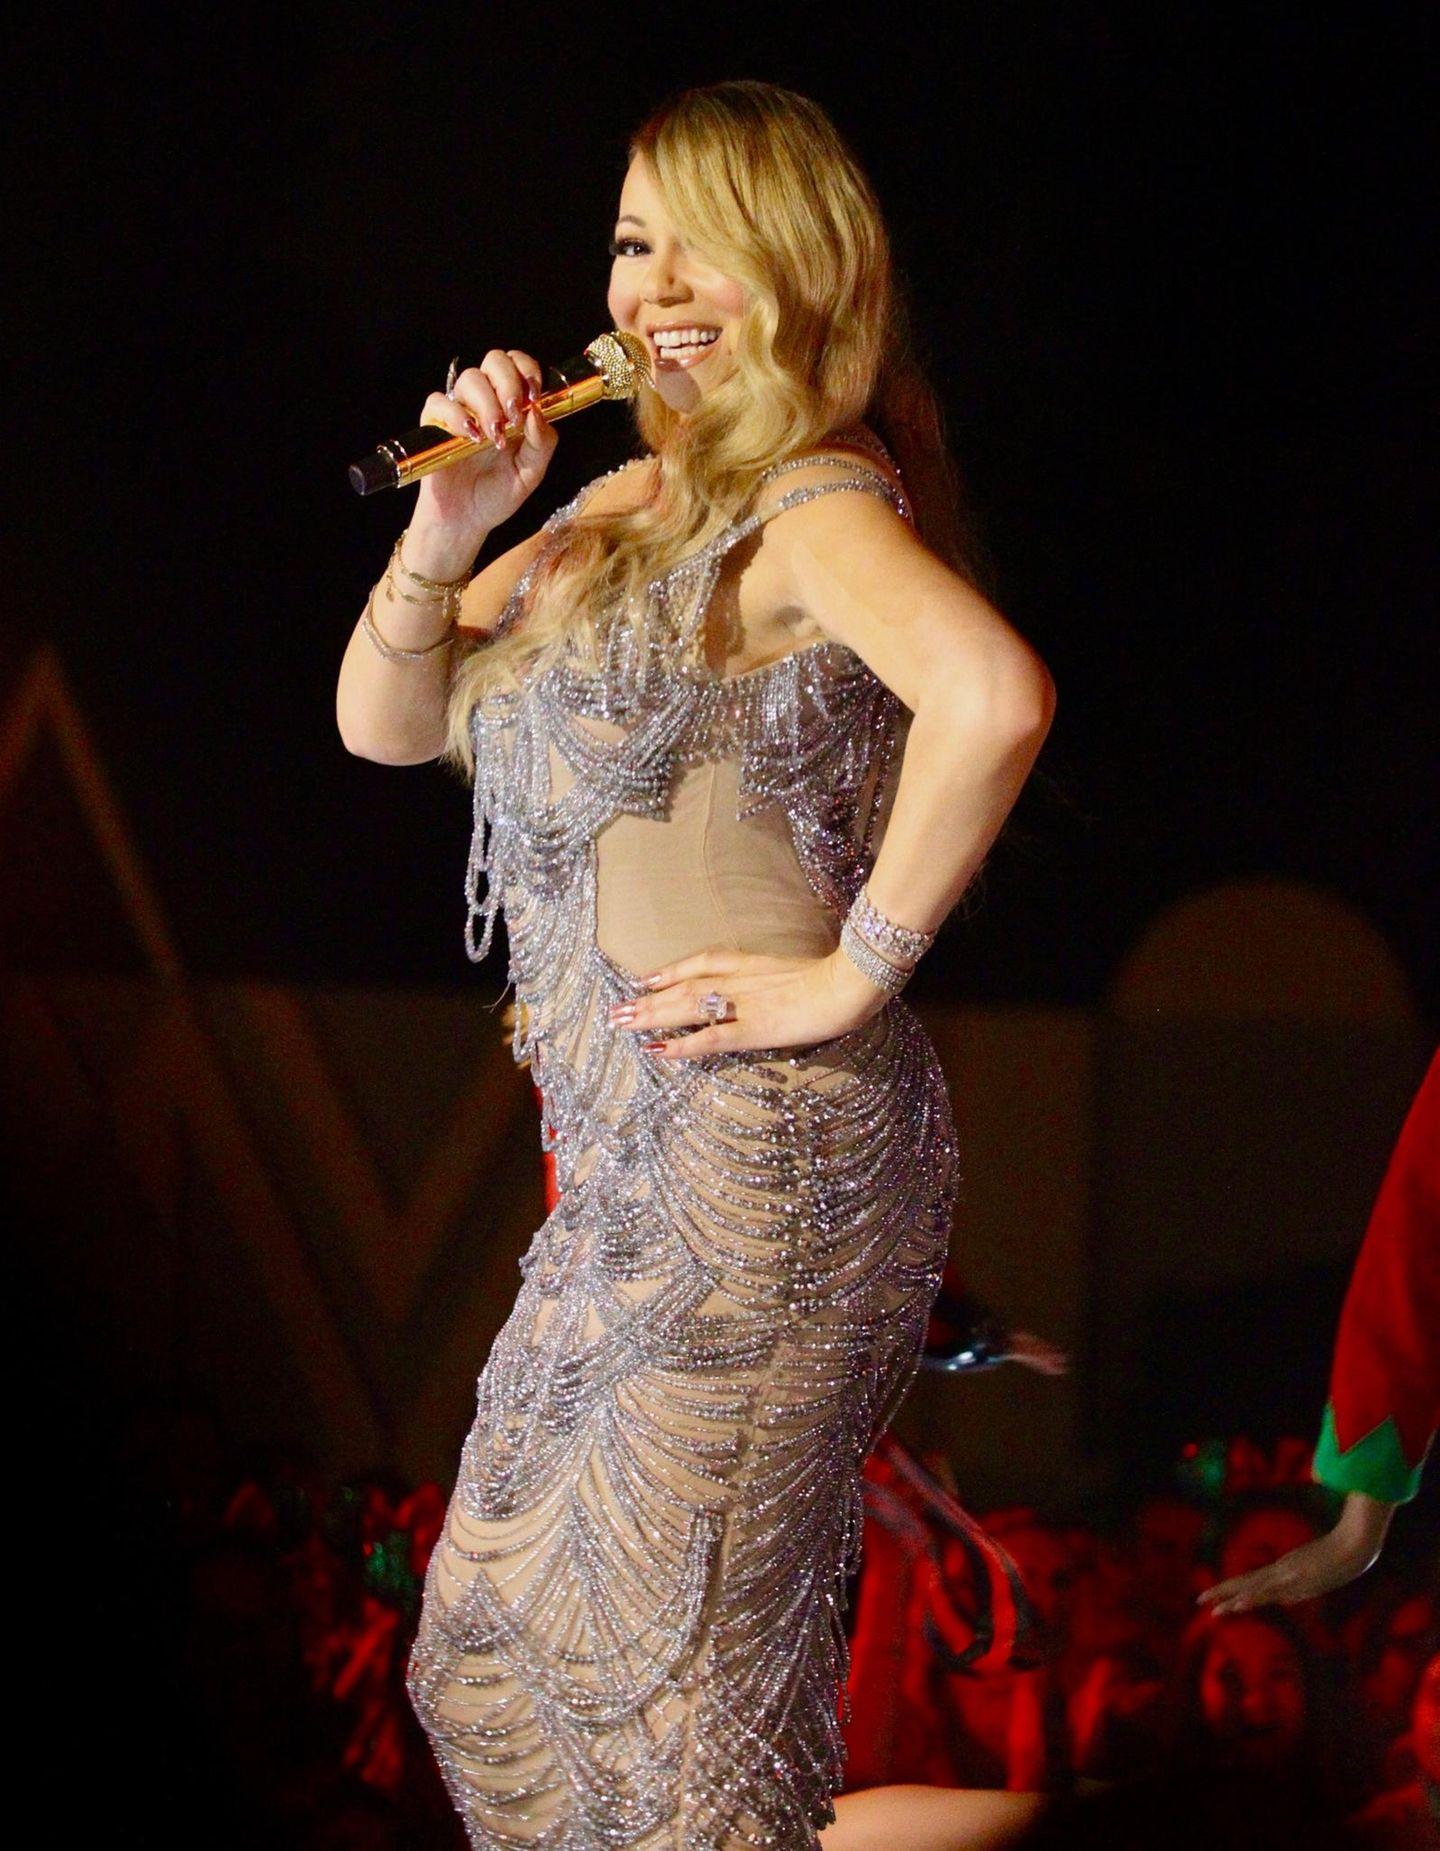 """Mariah Carey sang ihren Weihnachts-Song """"All I Want for Christmas Is You"""" in einem knallengen Schlauchkleid. Lilafarbene Glitzerpartien zieren das hautfarbene Stück und spiegeln sich auch in ihrem Schmuck wie dem Armband wieder. Einen Gefallen hat sich die Diva mit diesem viel zu eng anliegendem Dress wirklich nicht getan."""